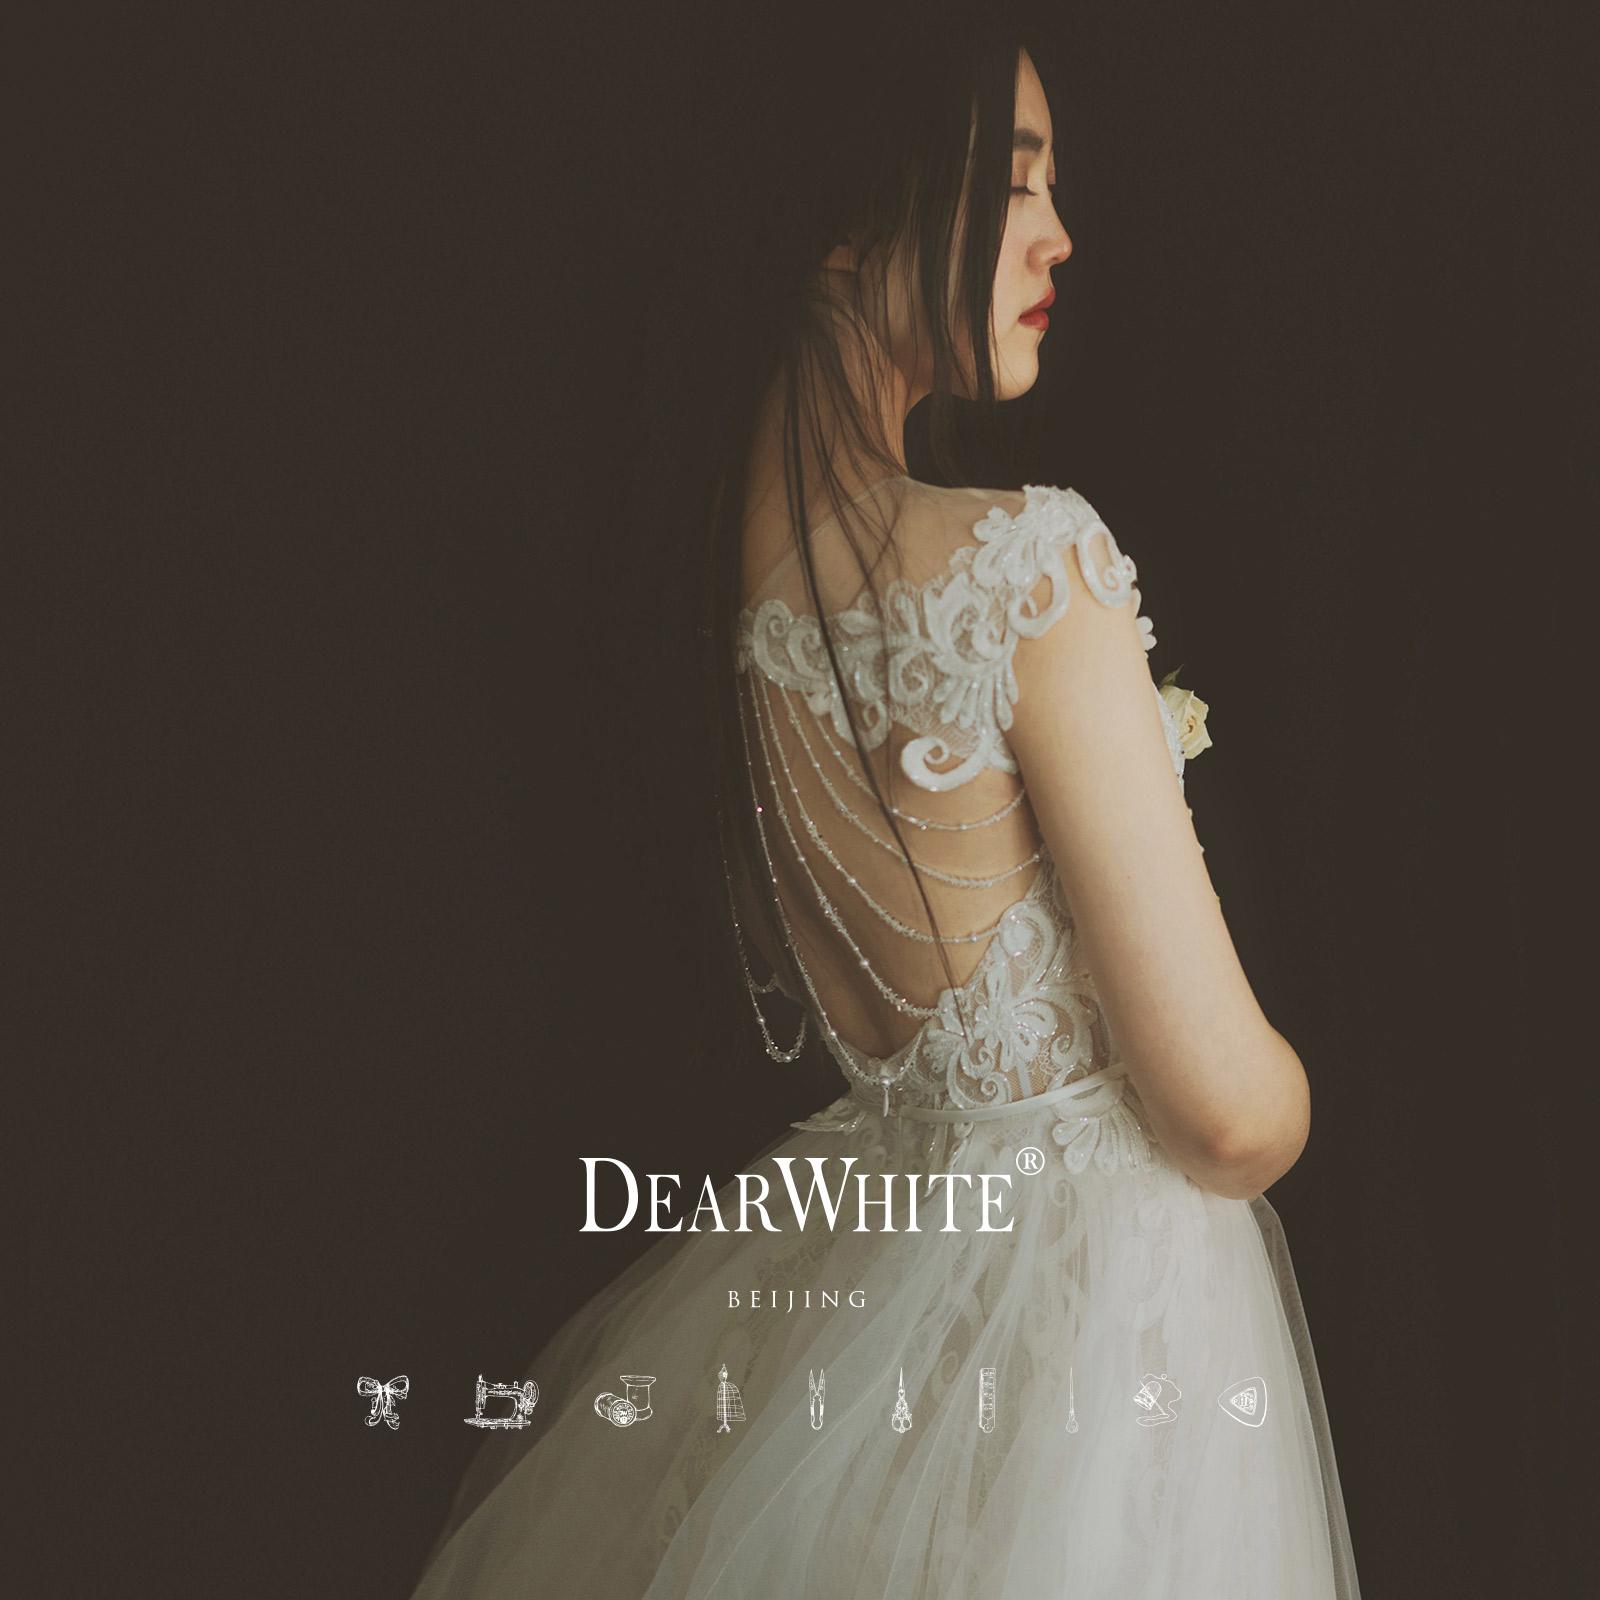 """Близко любовь уайт-плейнс создание подлинного """" алый месяц «DearWhite свадьба молния бригада бить газон кружево свет свадьба"""